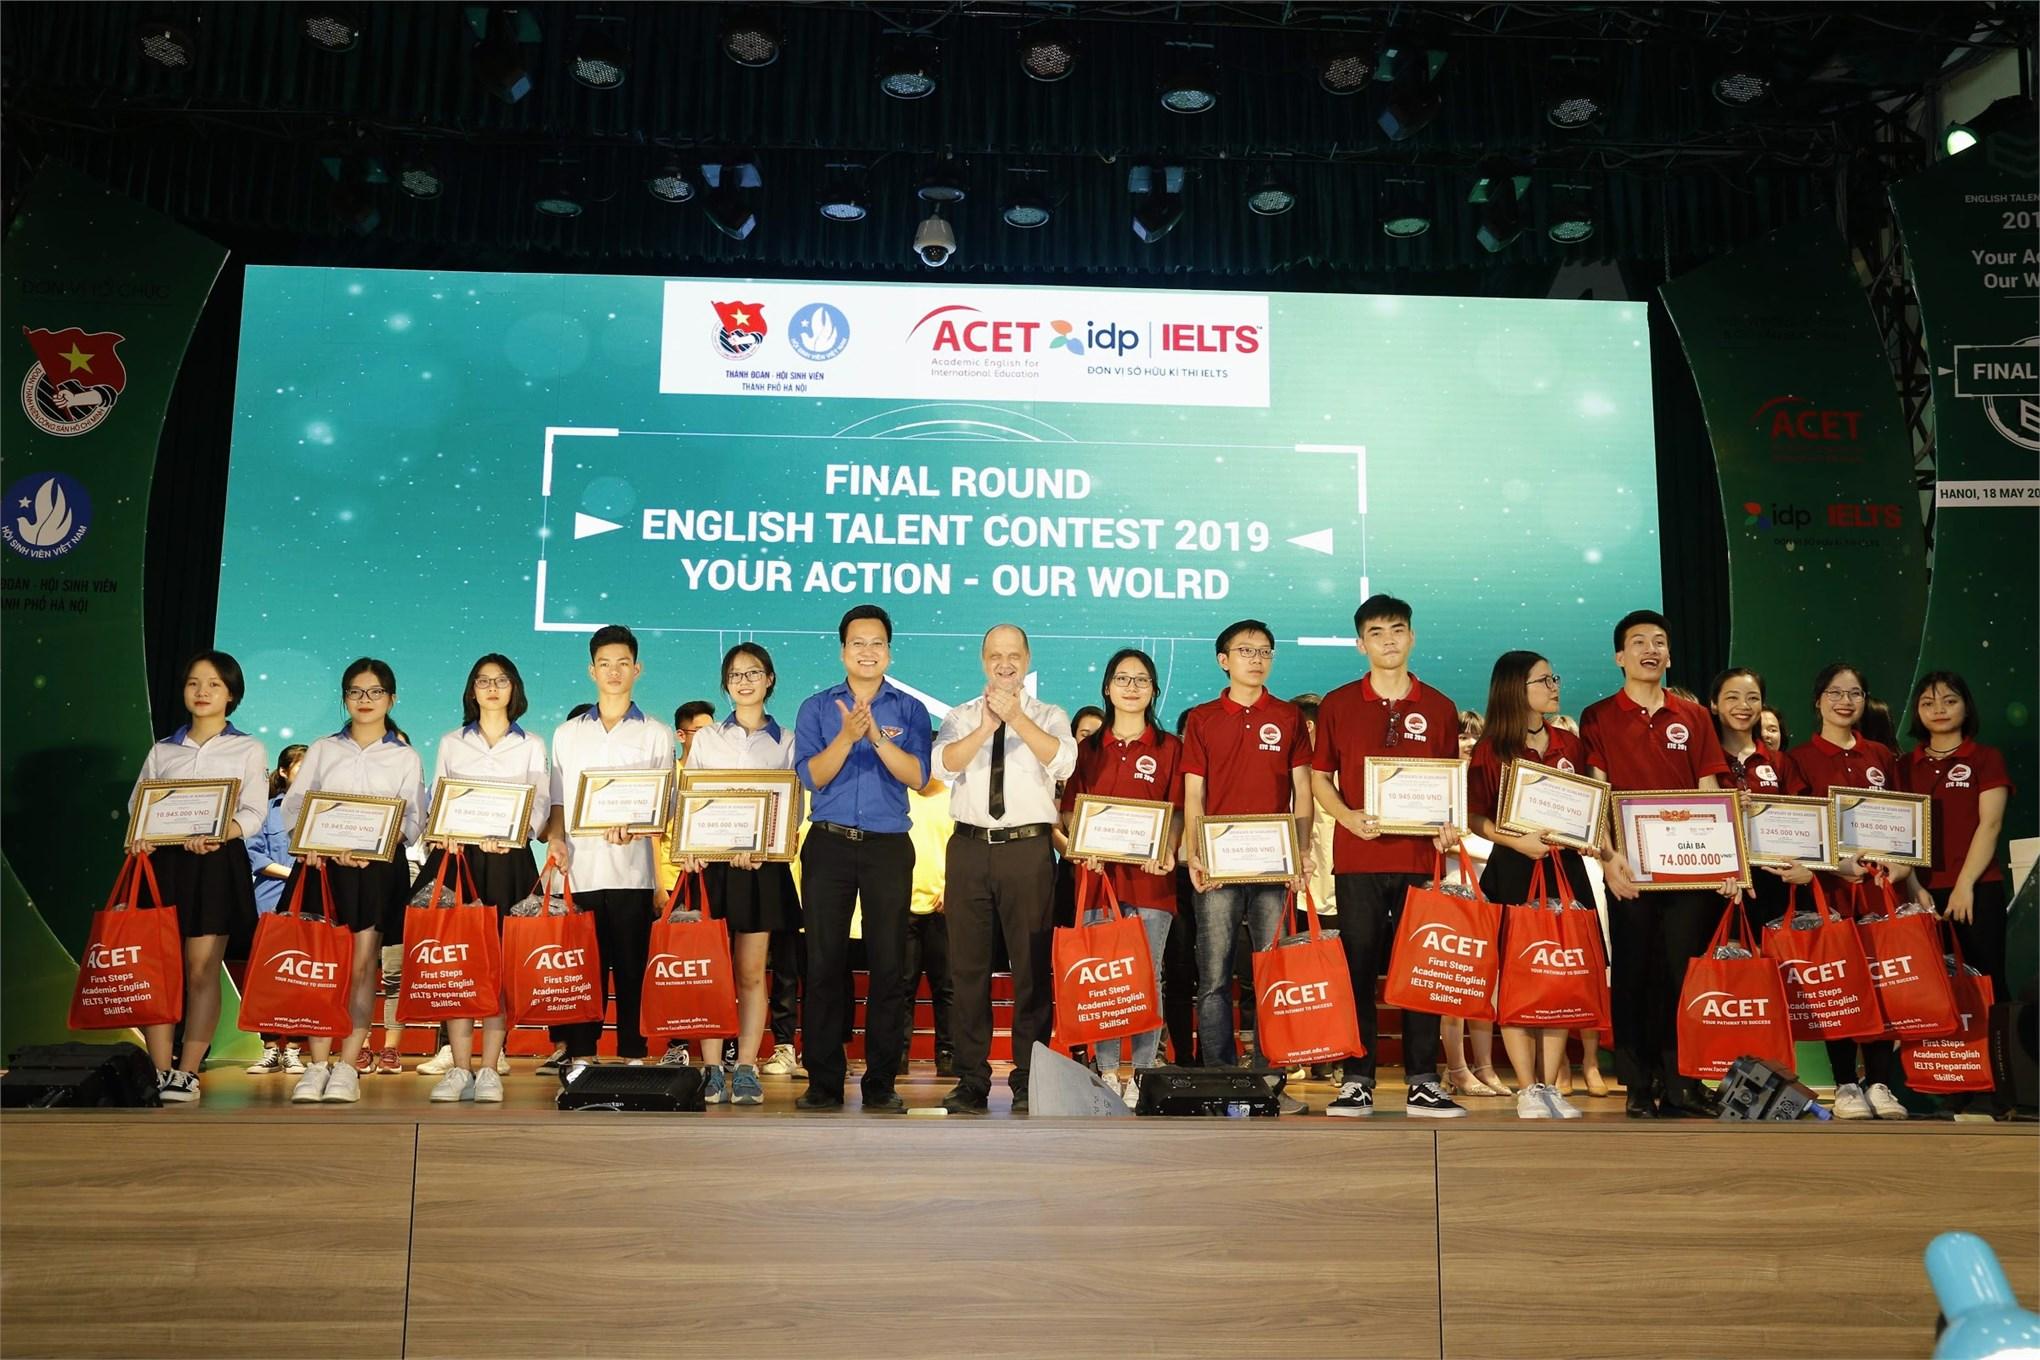 Ban tổ chức trao giải ba cho Đại học Sư Phạm Hà Nội 2 (bên phải) đối với khối trường Đại học/ Cao đẳng và THPT Ba Vì (bên trái) đối với khối THPT